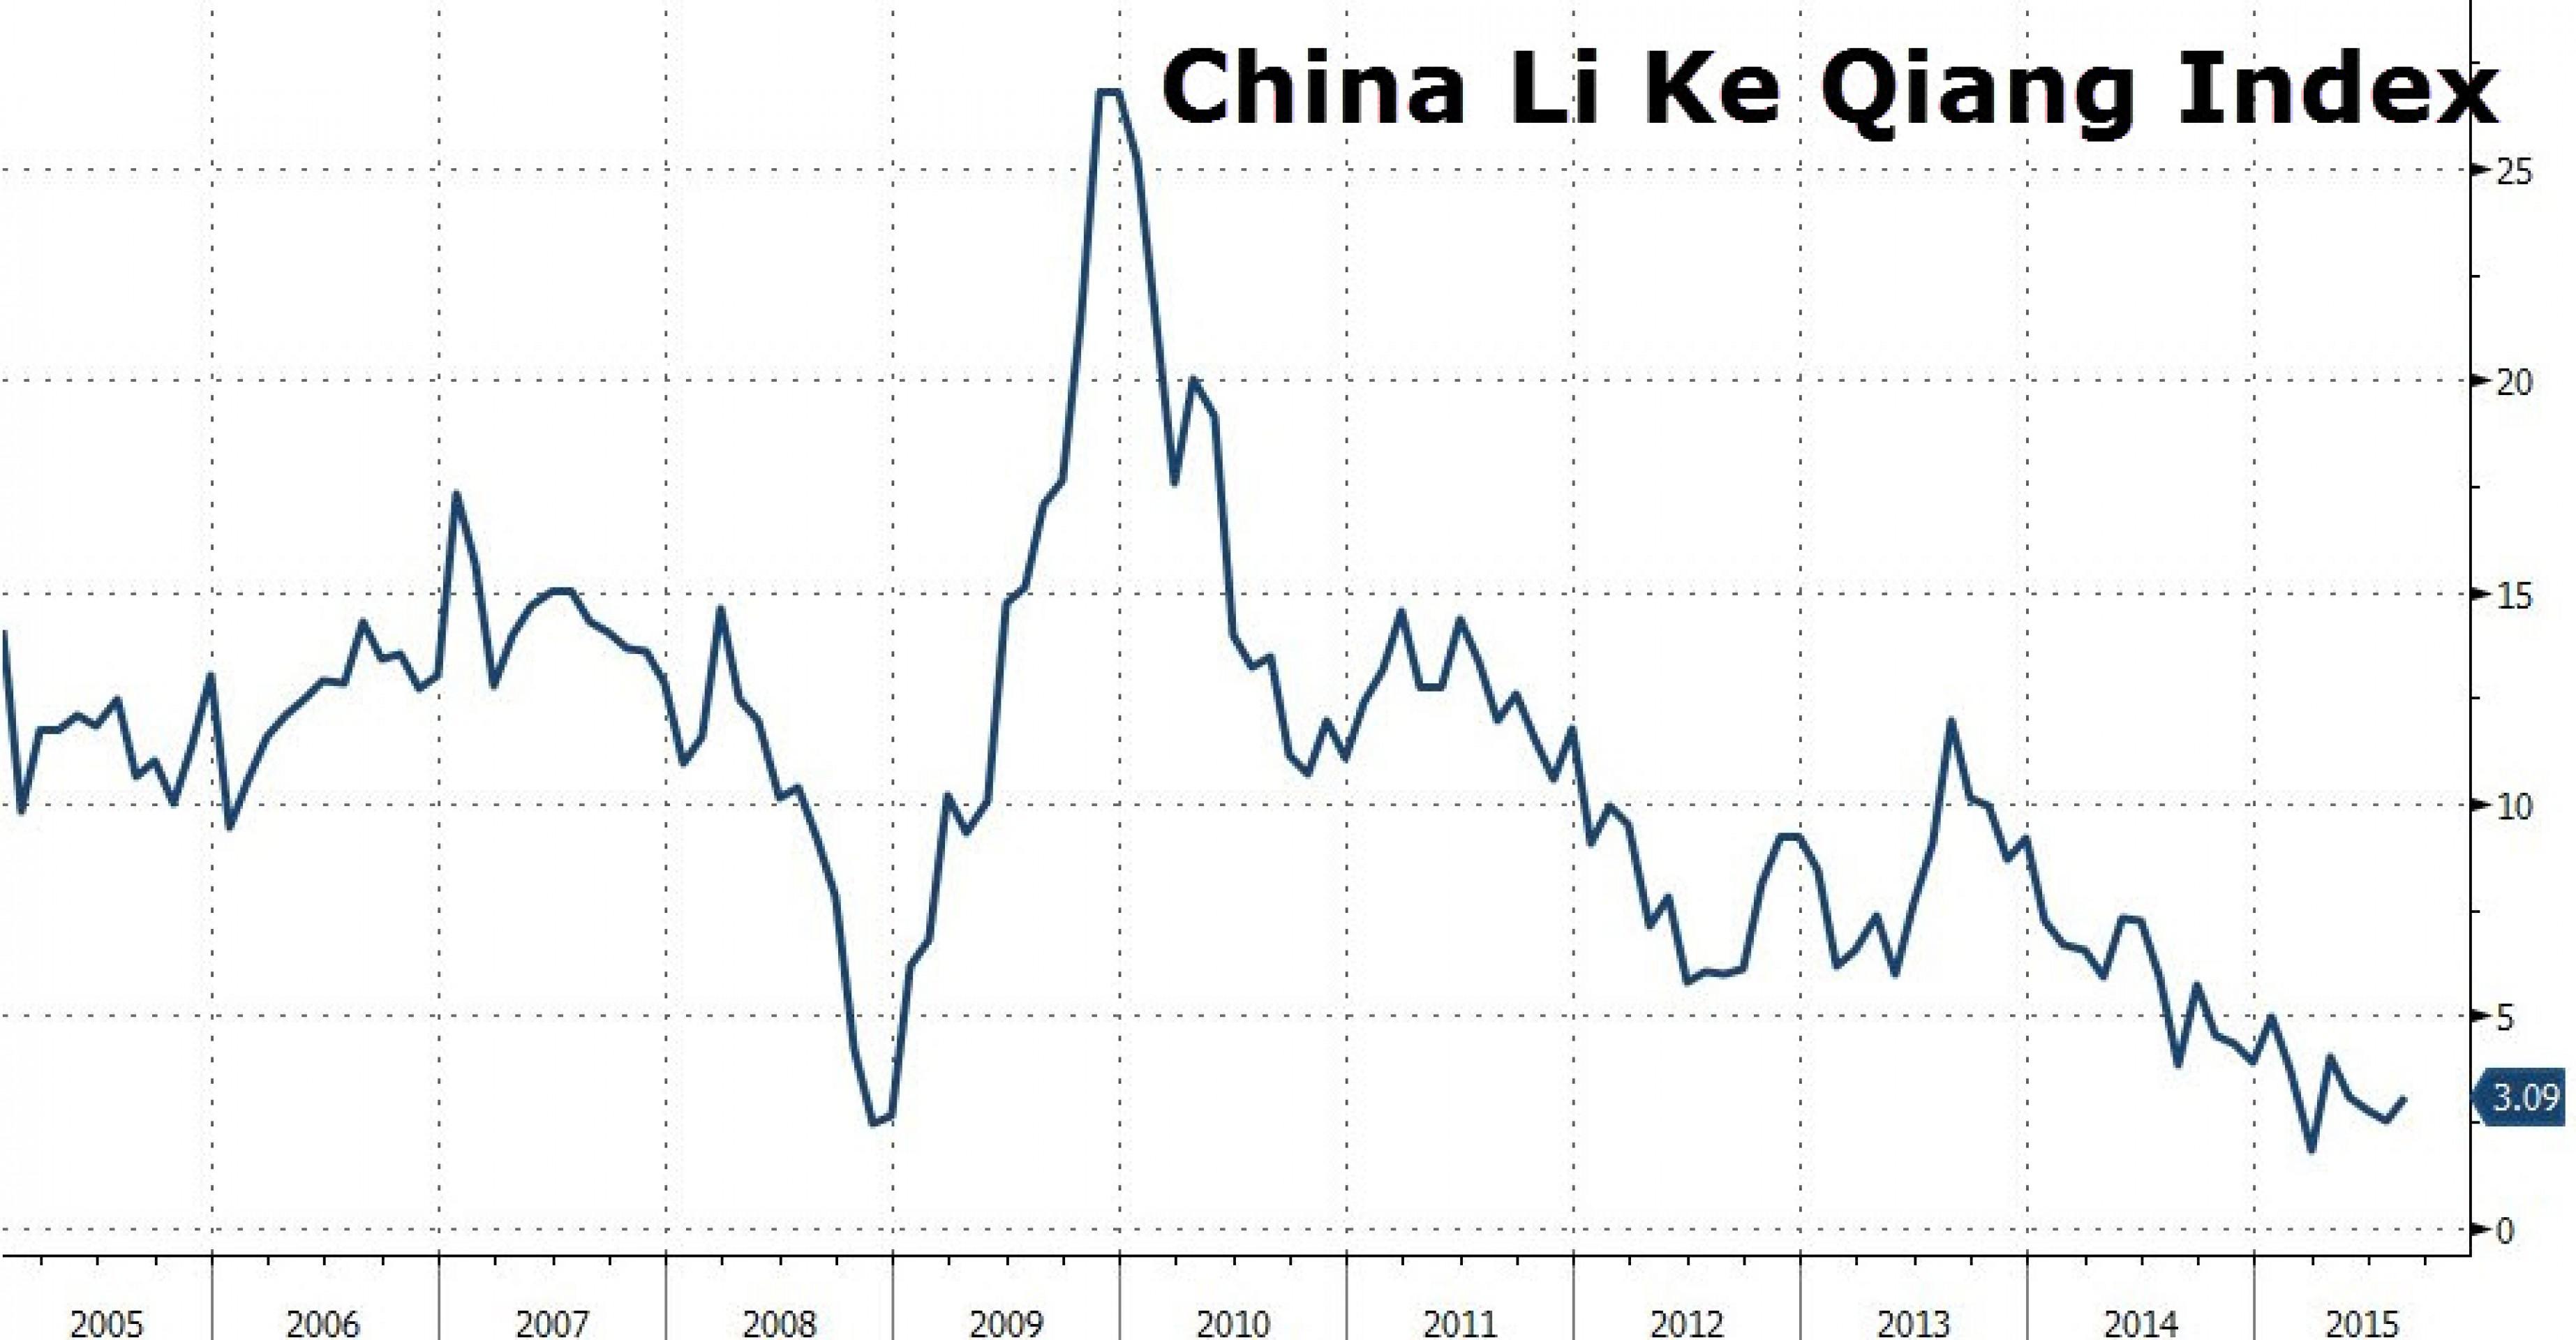 Реальная экономика Китая вернулась к темпам 1999 г.